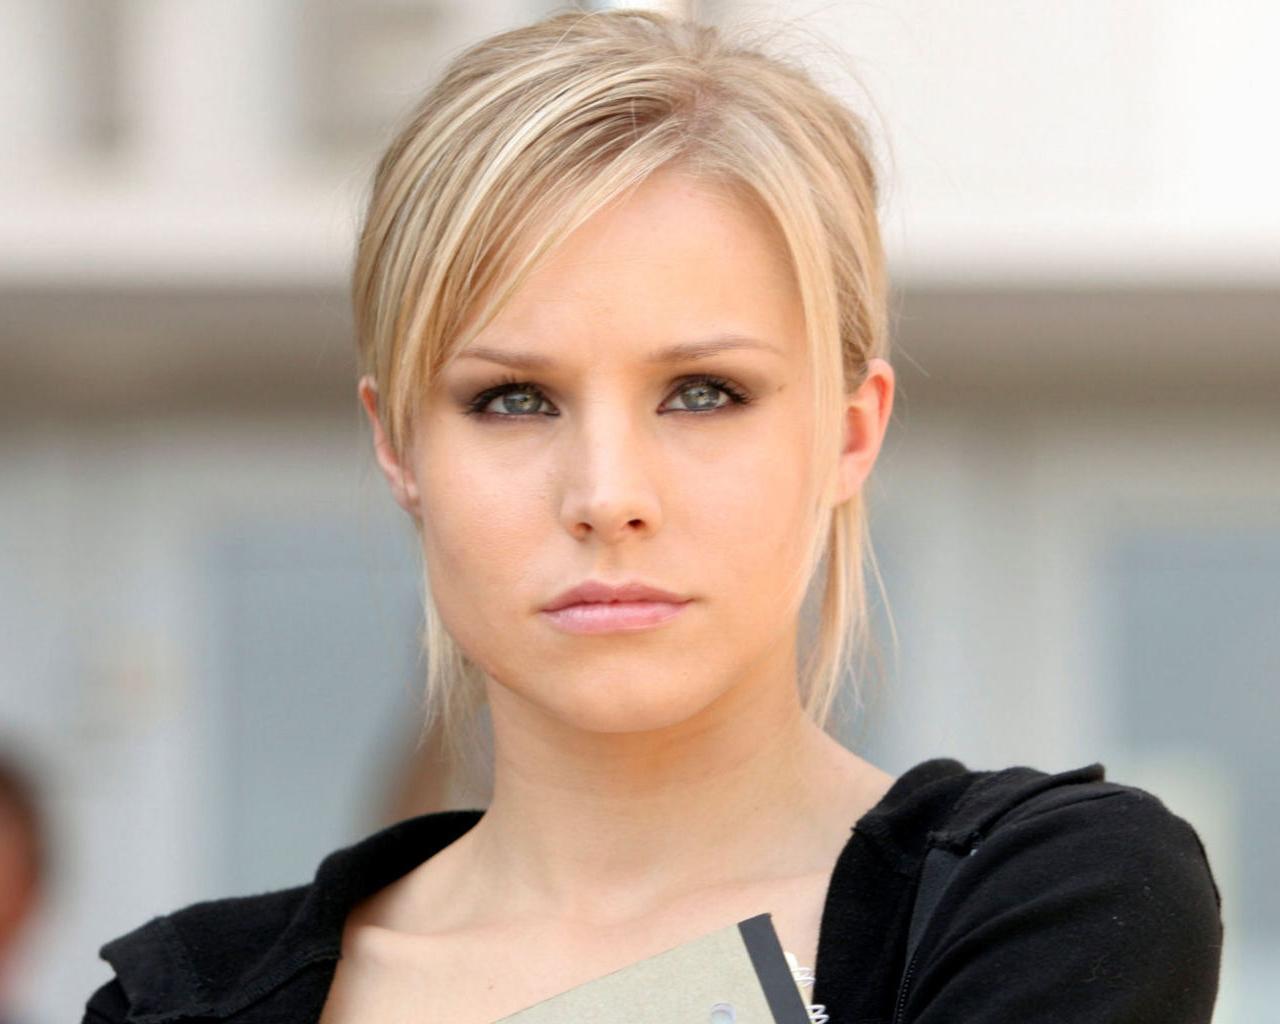 http://1.bp.blogspot.com/-lTluqWM7rM8/Tr3VEoGv8qI/AAAAAAAAAaw/fIVYAXvPsq0/s1600/Blonde-Kristen-Bell_1280x1024_2599.jpg